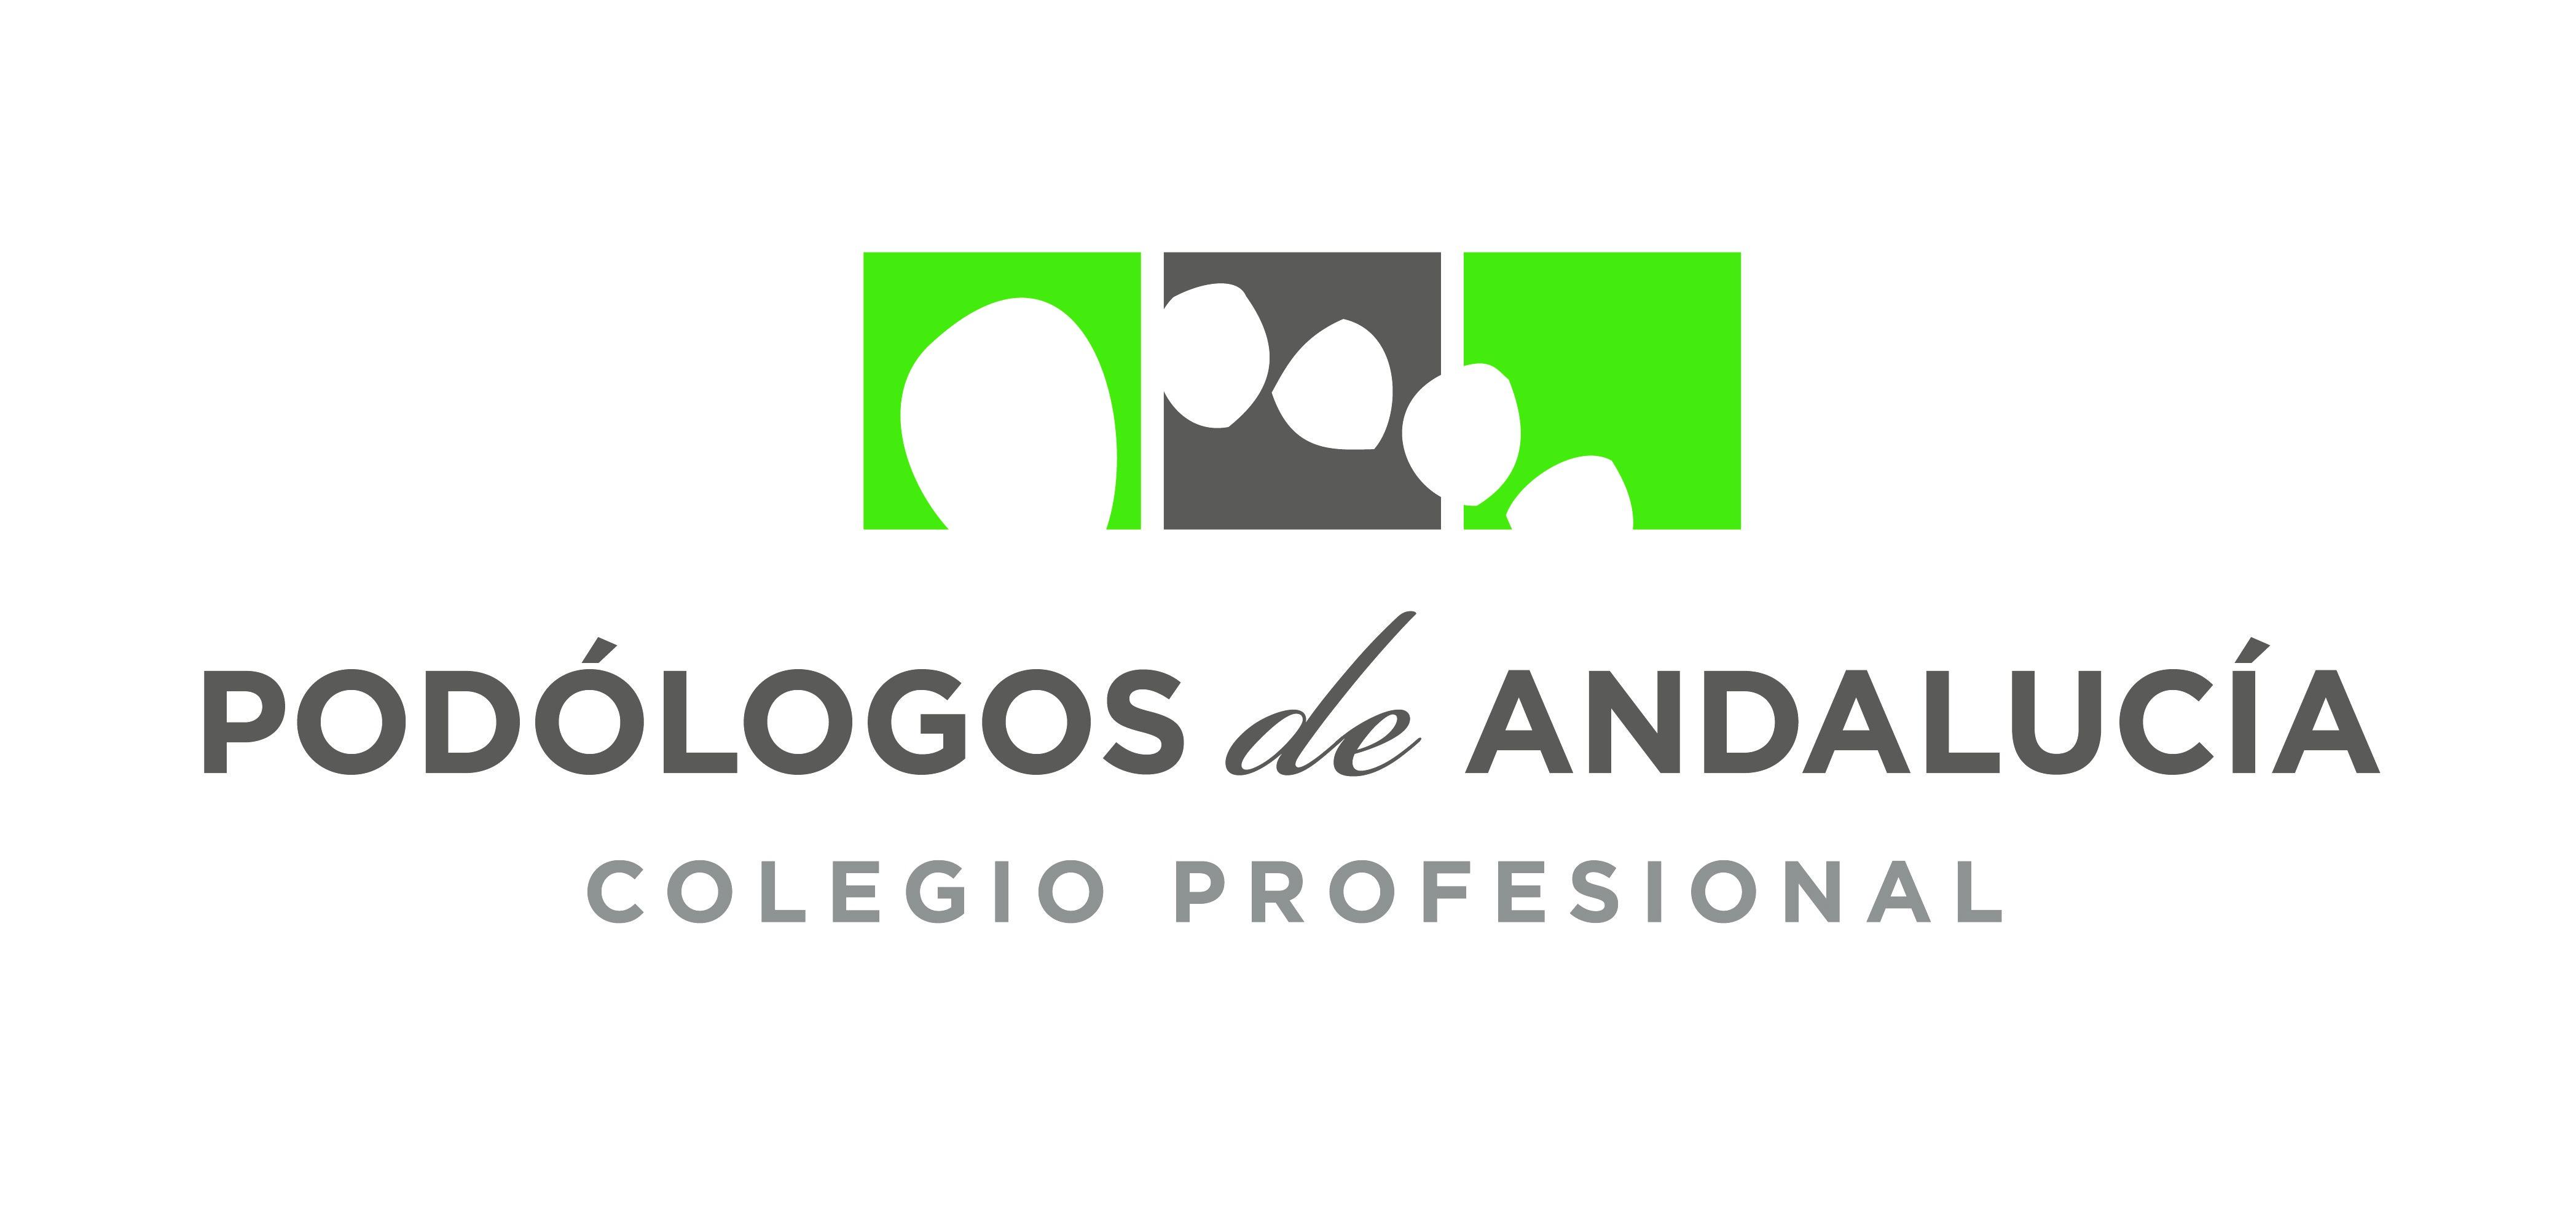 Nota de Prensa Colegio Profesional de Podólogos de Andalucía y Unión de Consumidores de Andalucía